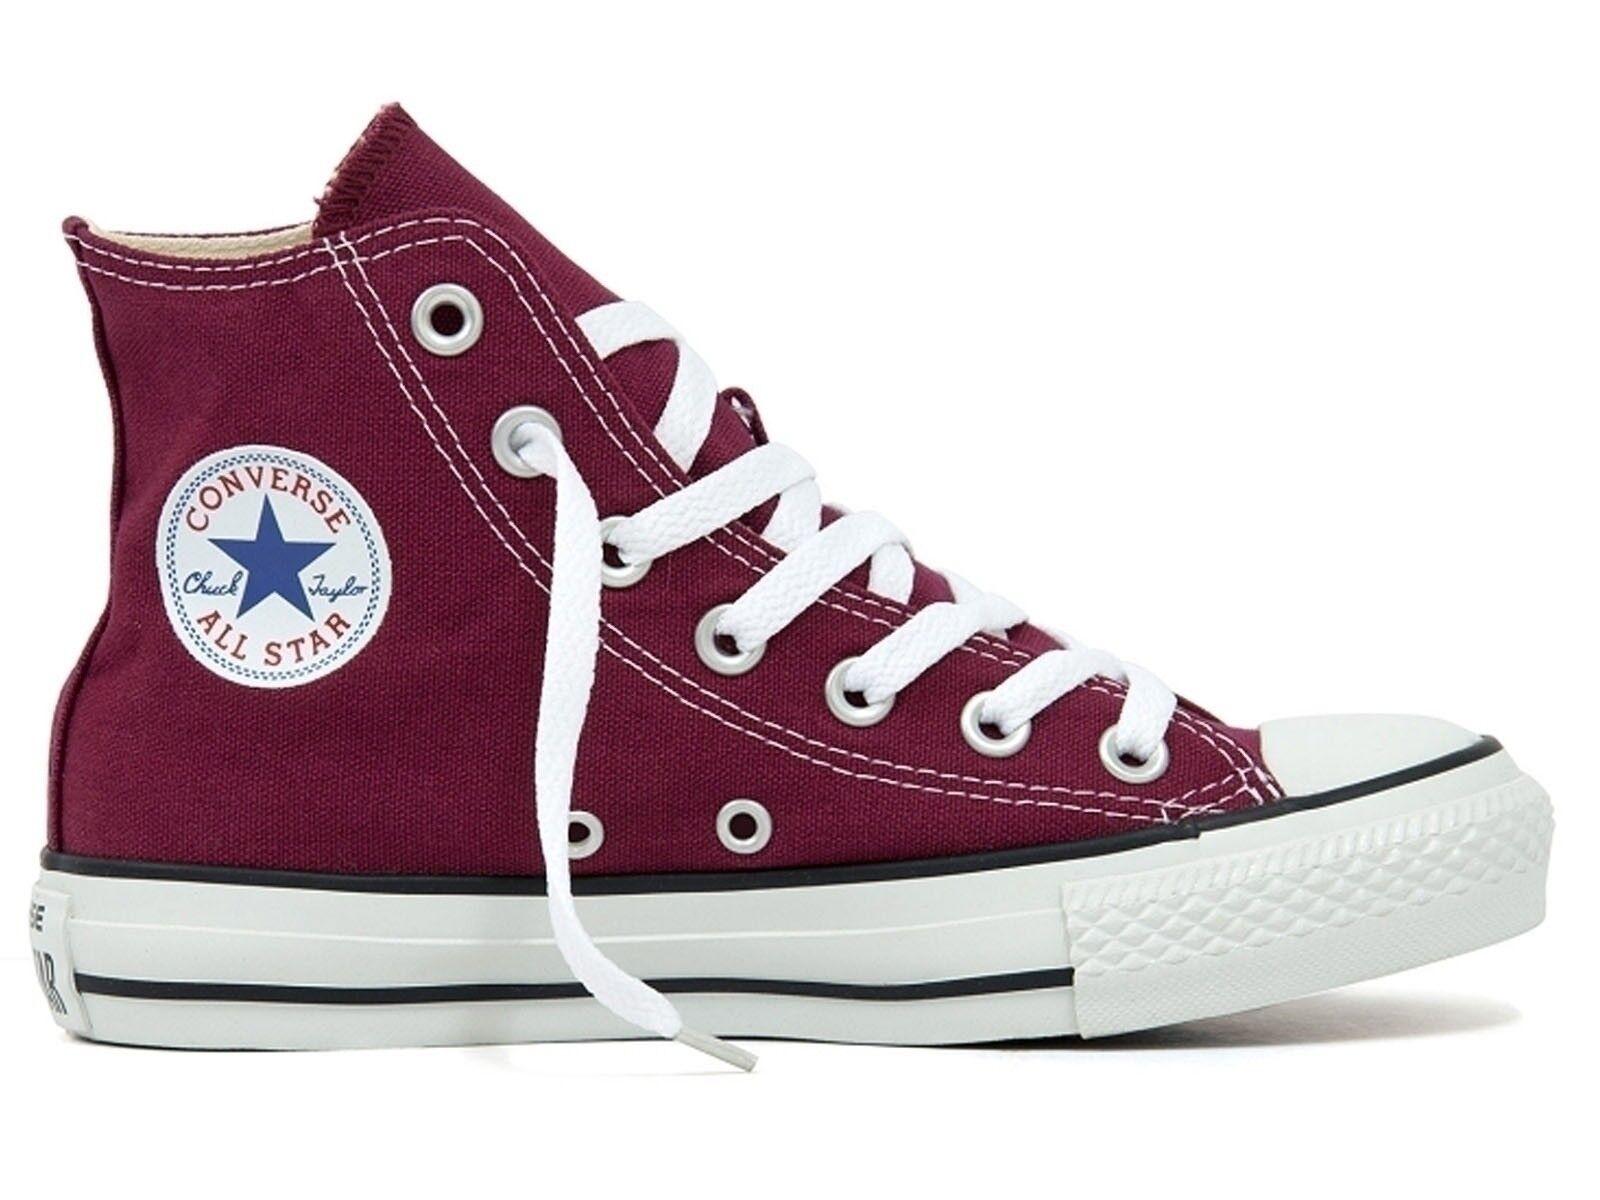 zapatos UNISEX CONVERSE ESTATE M9613C M9613C M9613C ALL STAR HI MAROON  en venta en línea